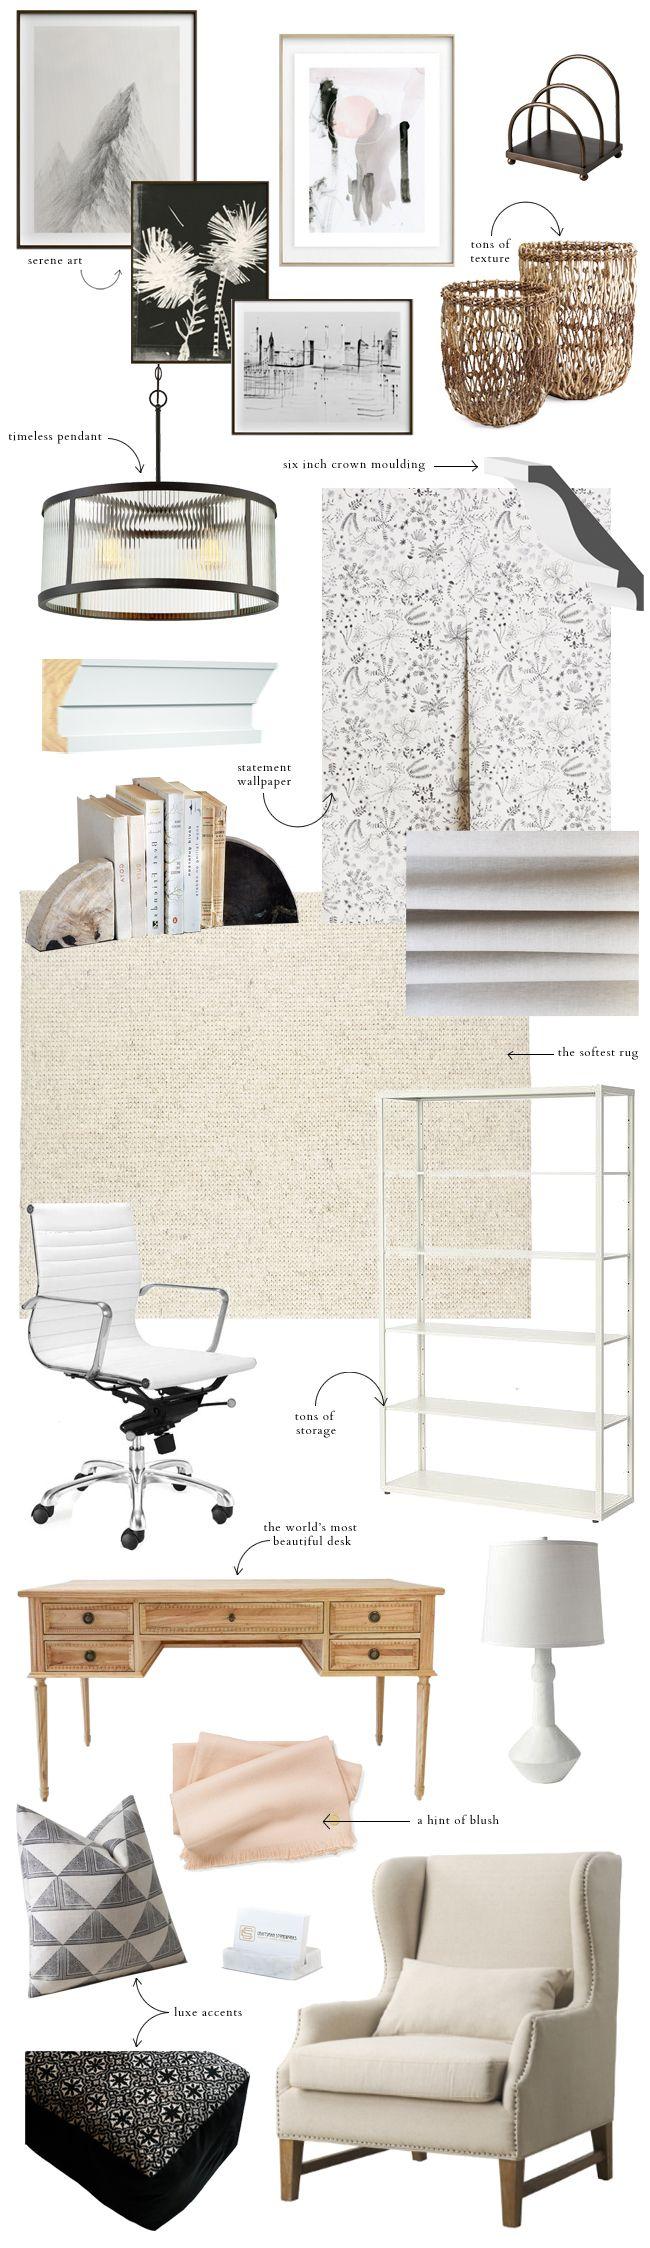 40 best home design board images on pinterest